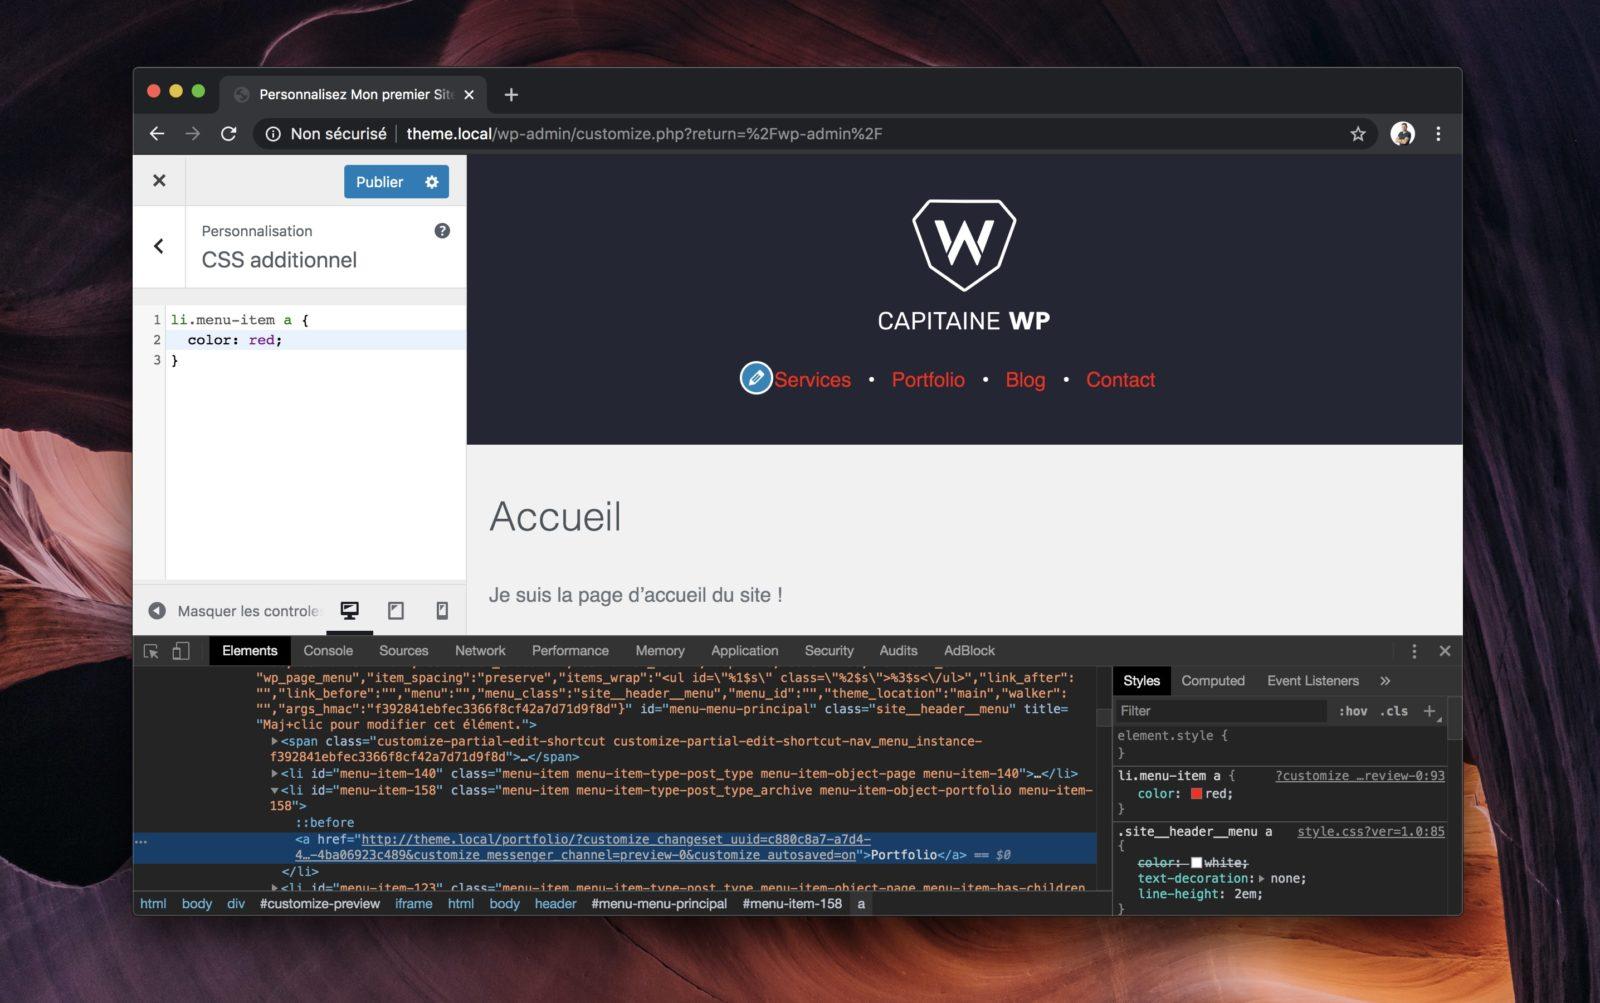 Capture d'écran de l'outil de personnalisation de WordPress, montrant le panneau de CSS additionnel